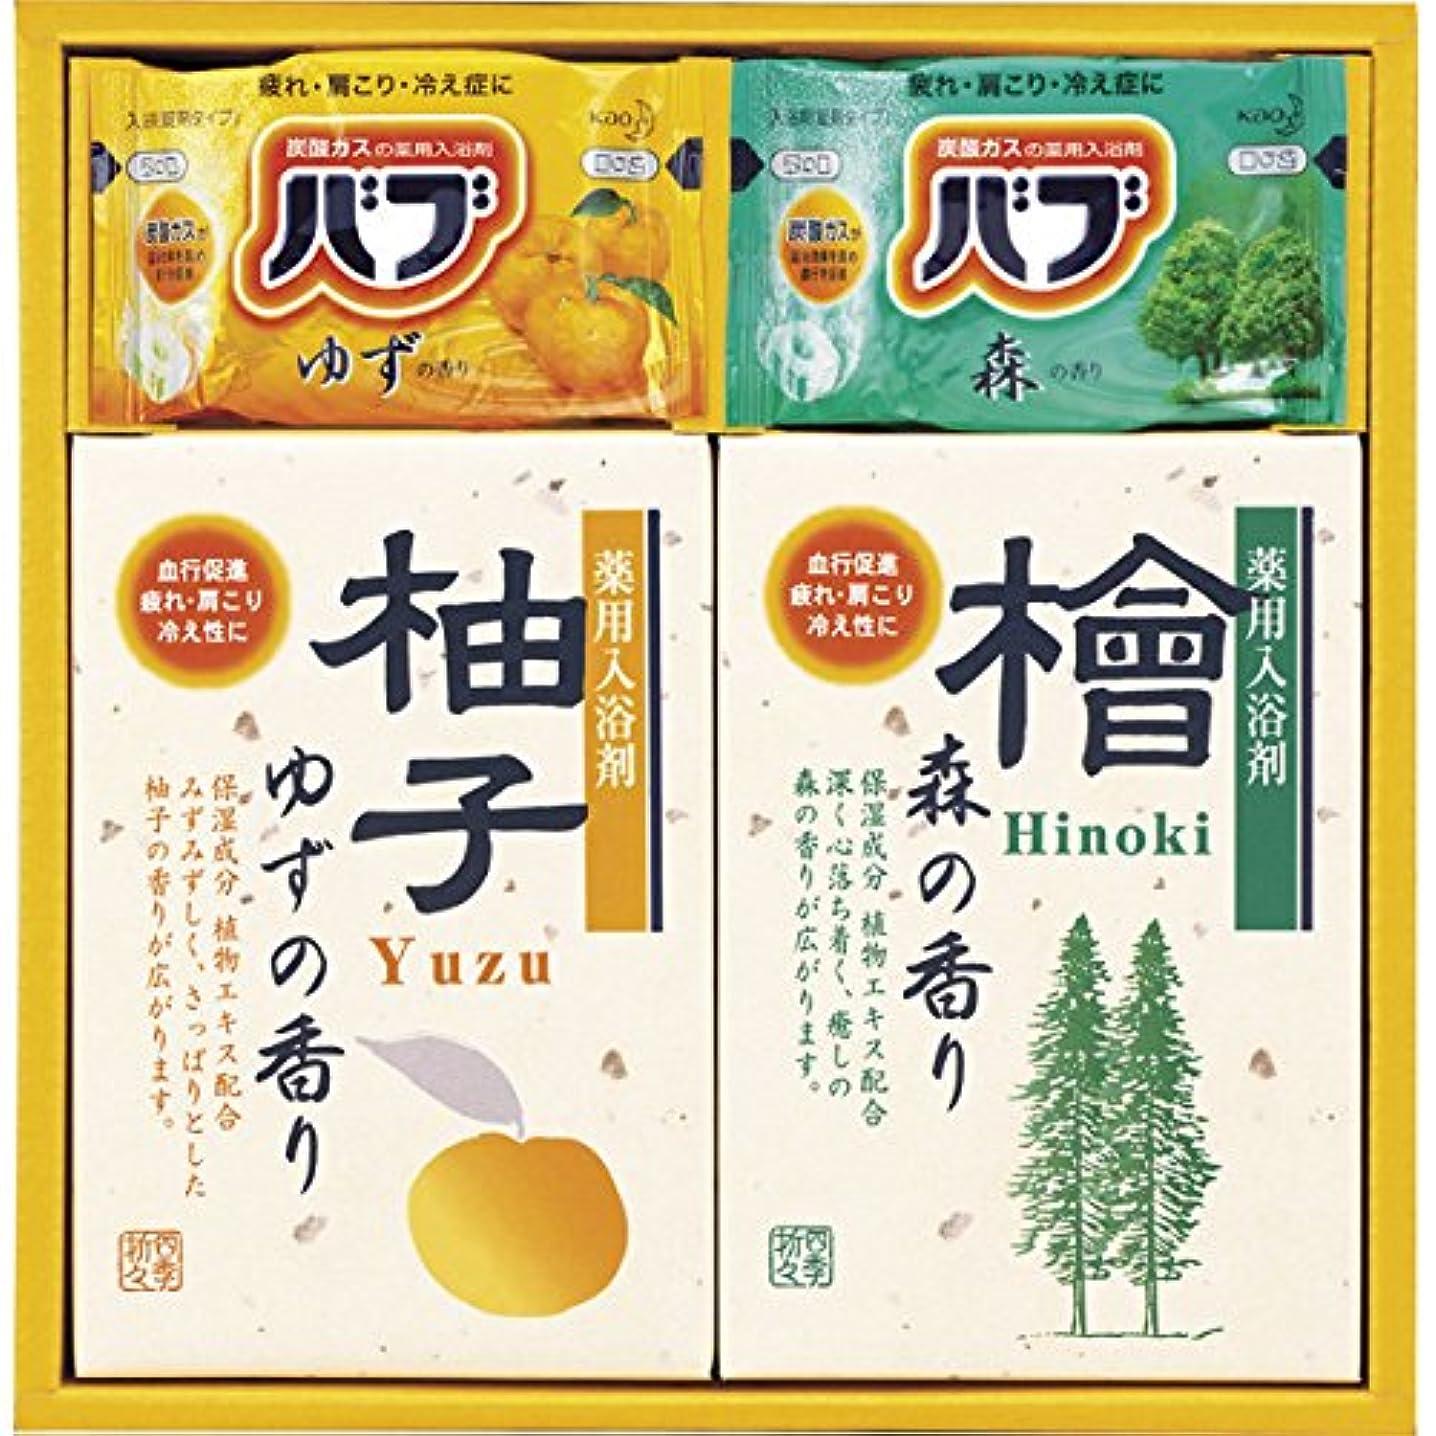 アジアジャニスバックアップ四季折々 薬用入浴剤セット SB-10 7163-014